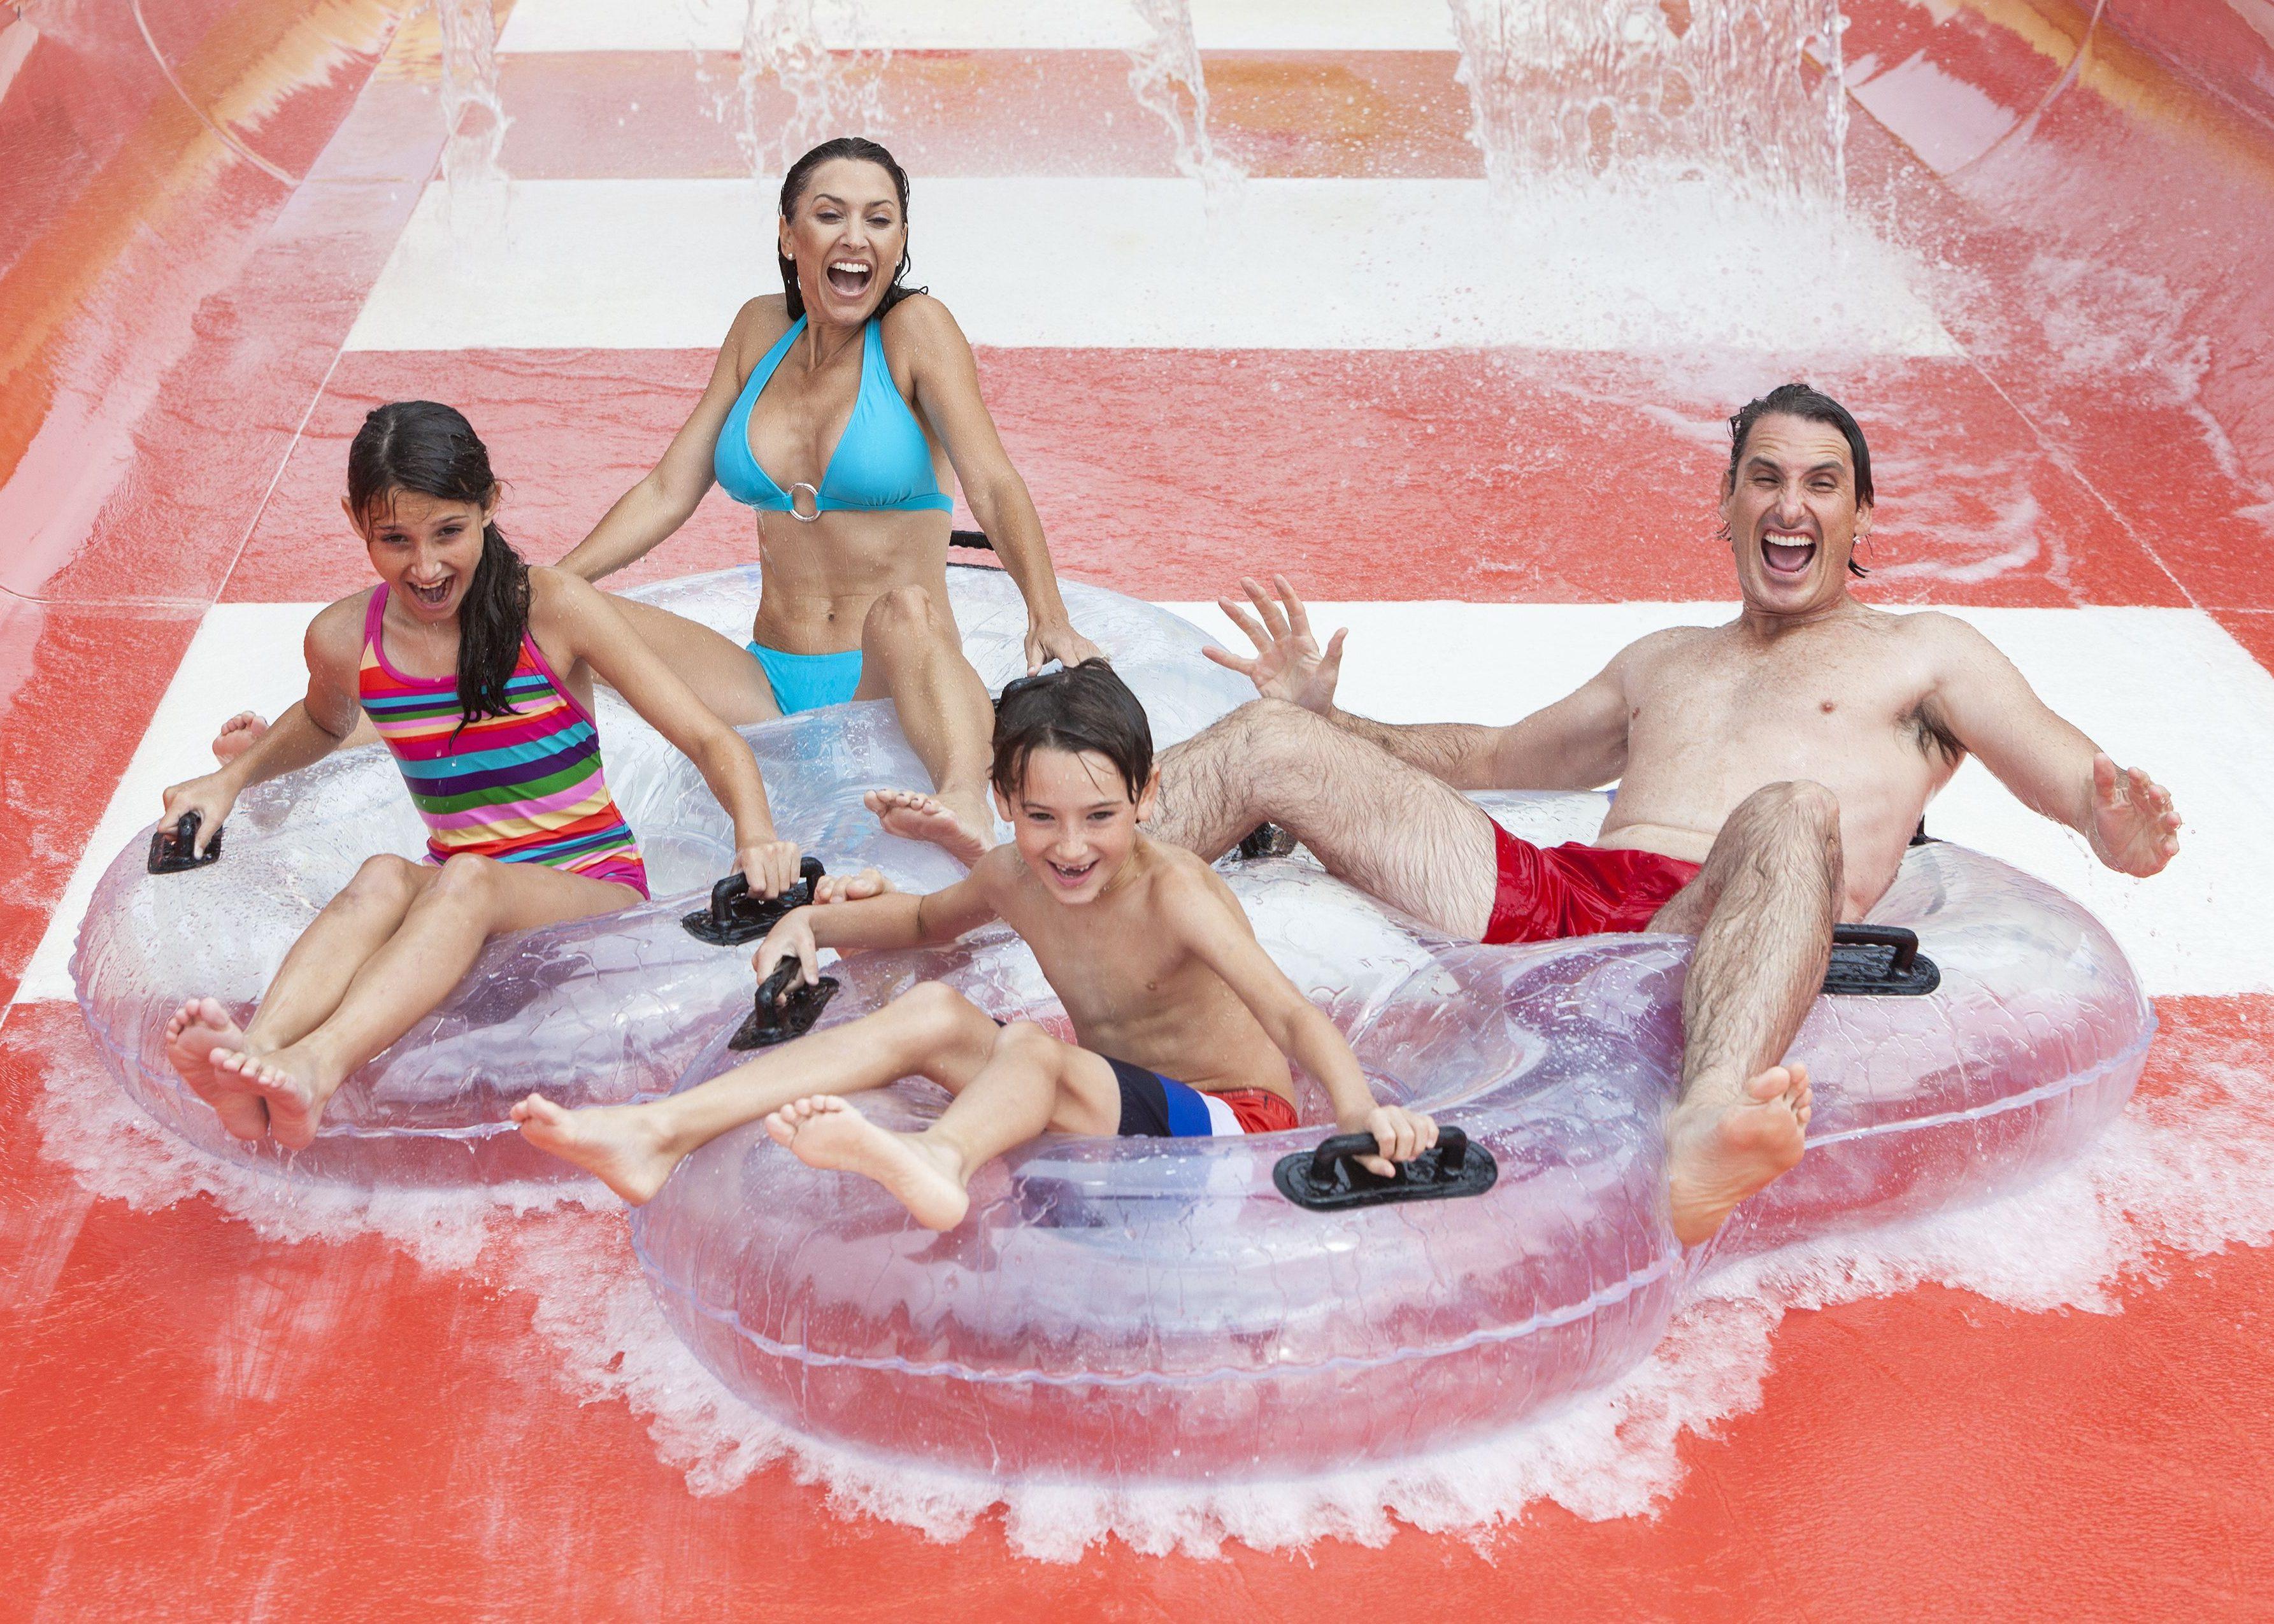 Savia proyectos familia tirándose por tobogán rojo y blanco con flotador